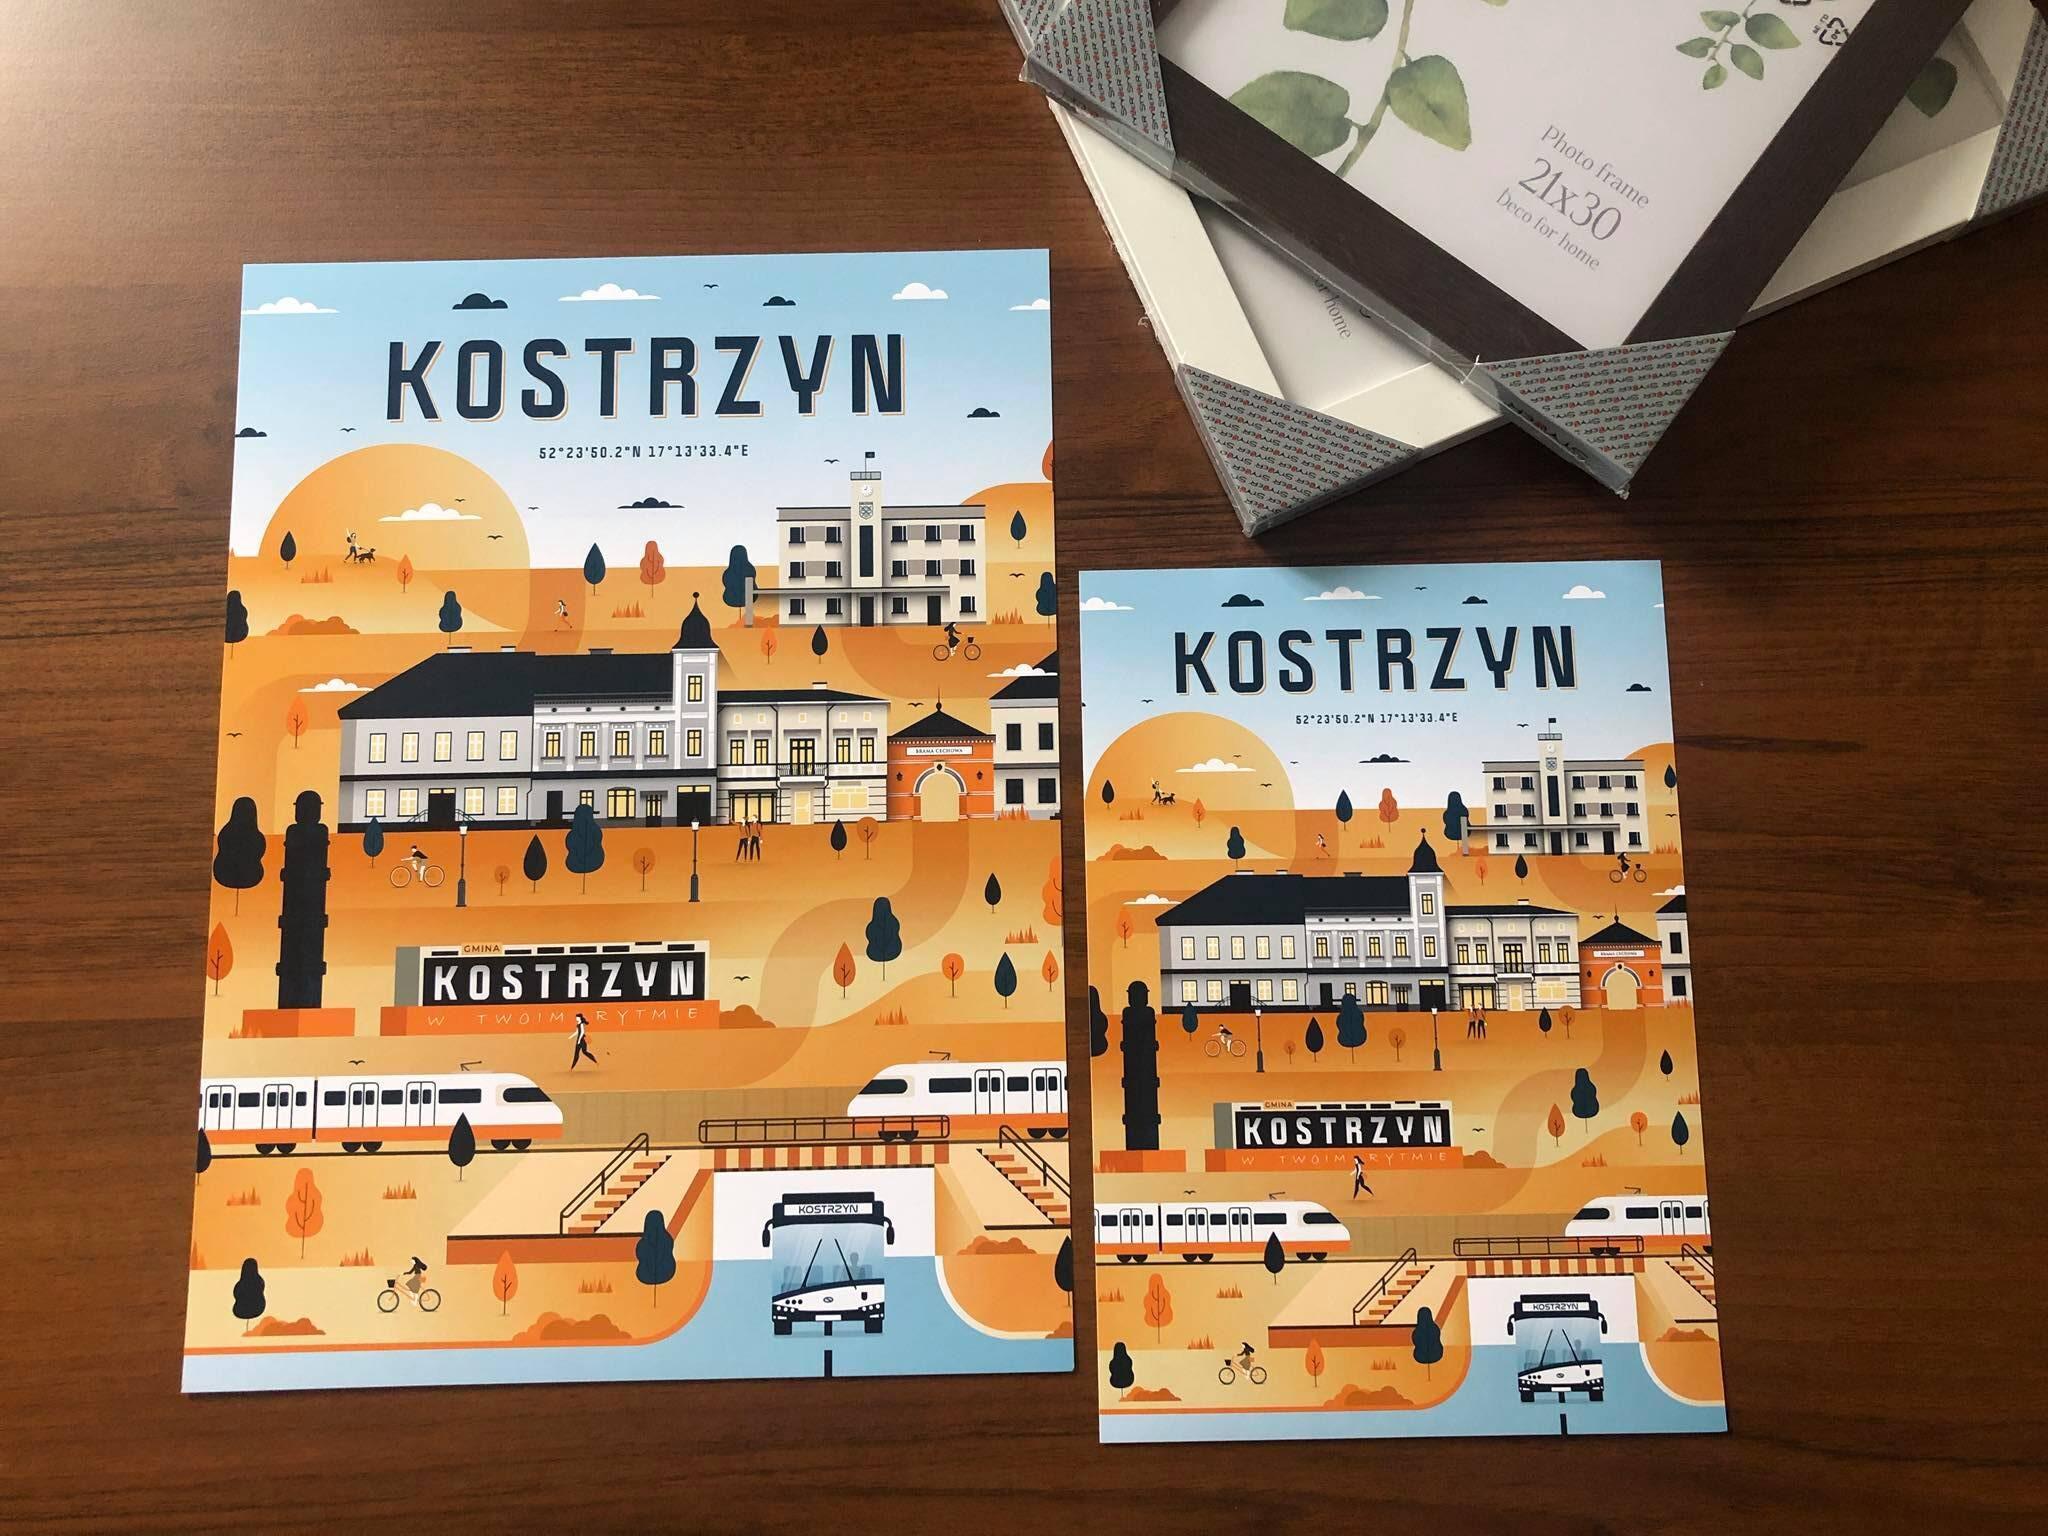 plakaty z grafiką pokazującą miejsca ciekawe w Kostrzynie w górnym rogu ramki do zdjęć